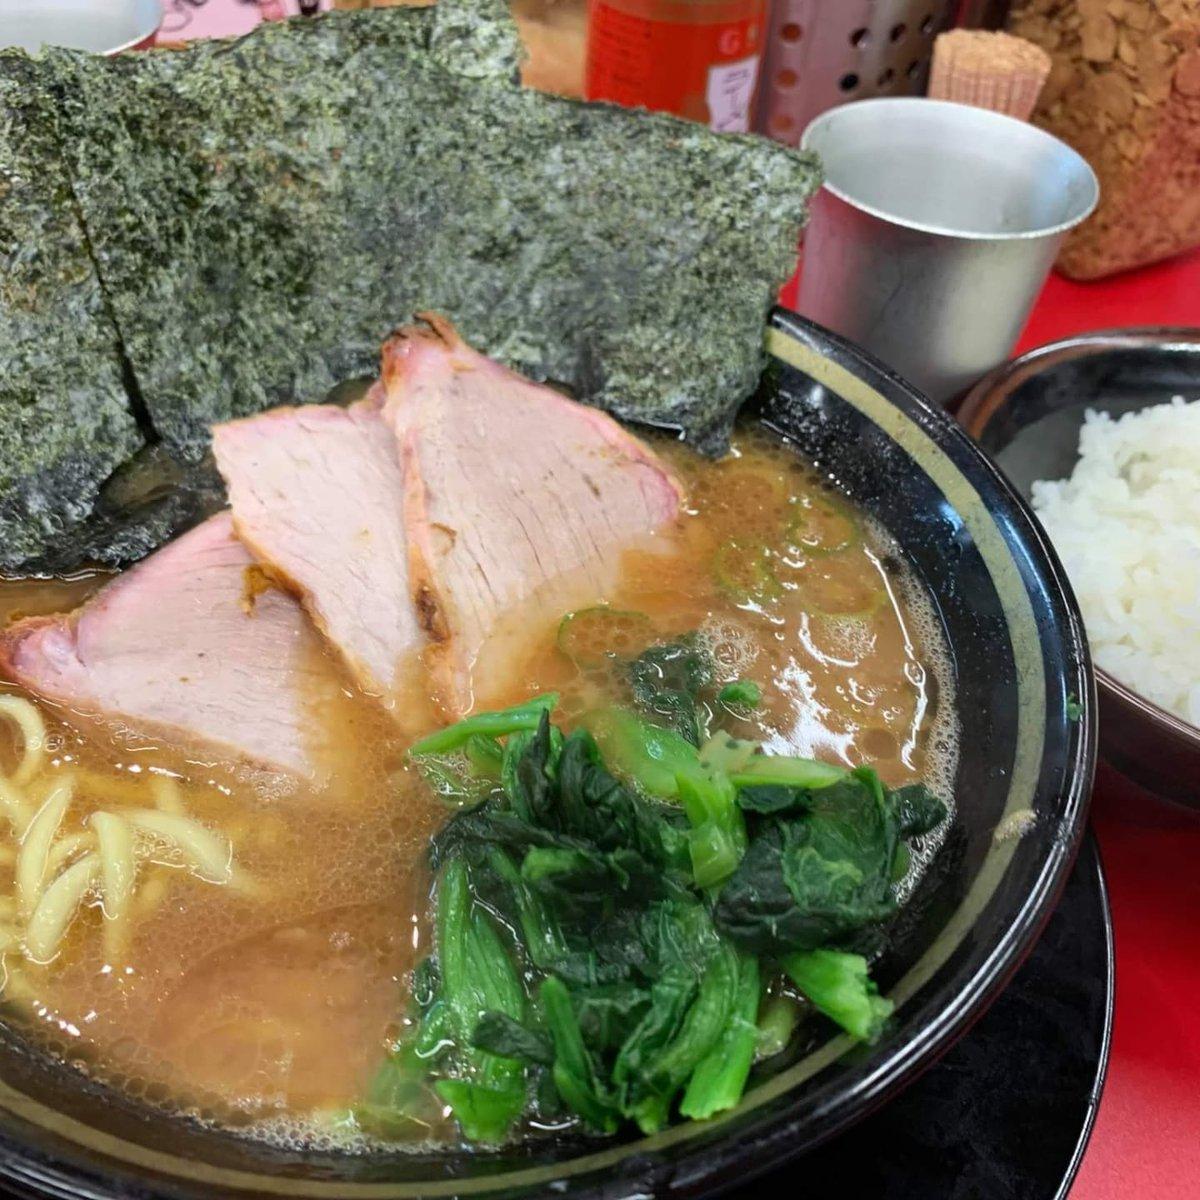 お休みの日。行列店巡りしりーず☺️王道系直系!IEKEI TOKYO🍜あんまり家系ラーメンってのは食べたことはなかったんですけど。こってり濃厚、でもすっきり!こりゃ、行列しますやん!って、どっしりきます☺️旨し🥺ごちそうさまでした🙇